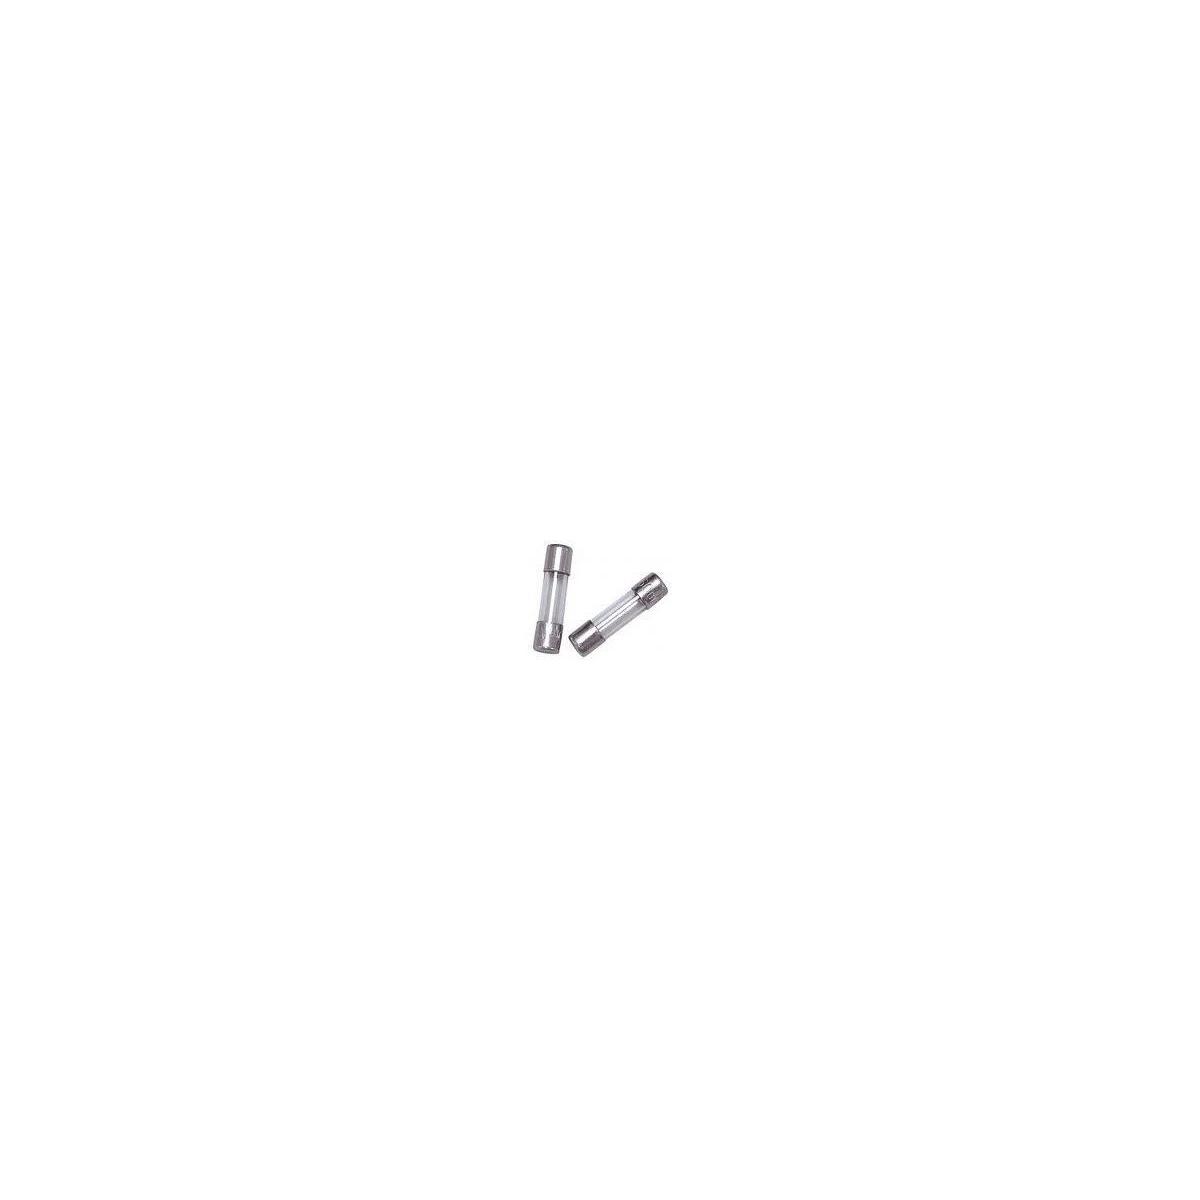 FUSIVEL - F RAPIDO 5X20MM (PACOTE COM 10 UNIDADES )-   5A